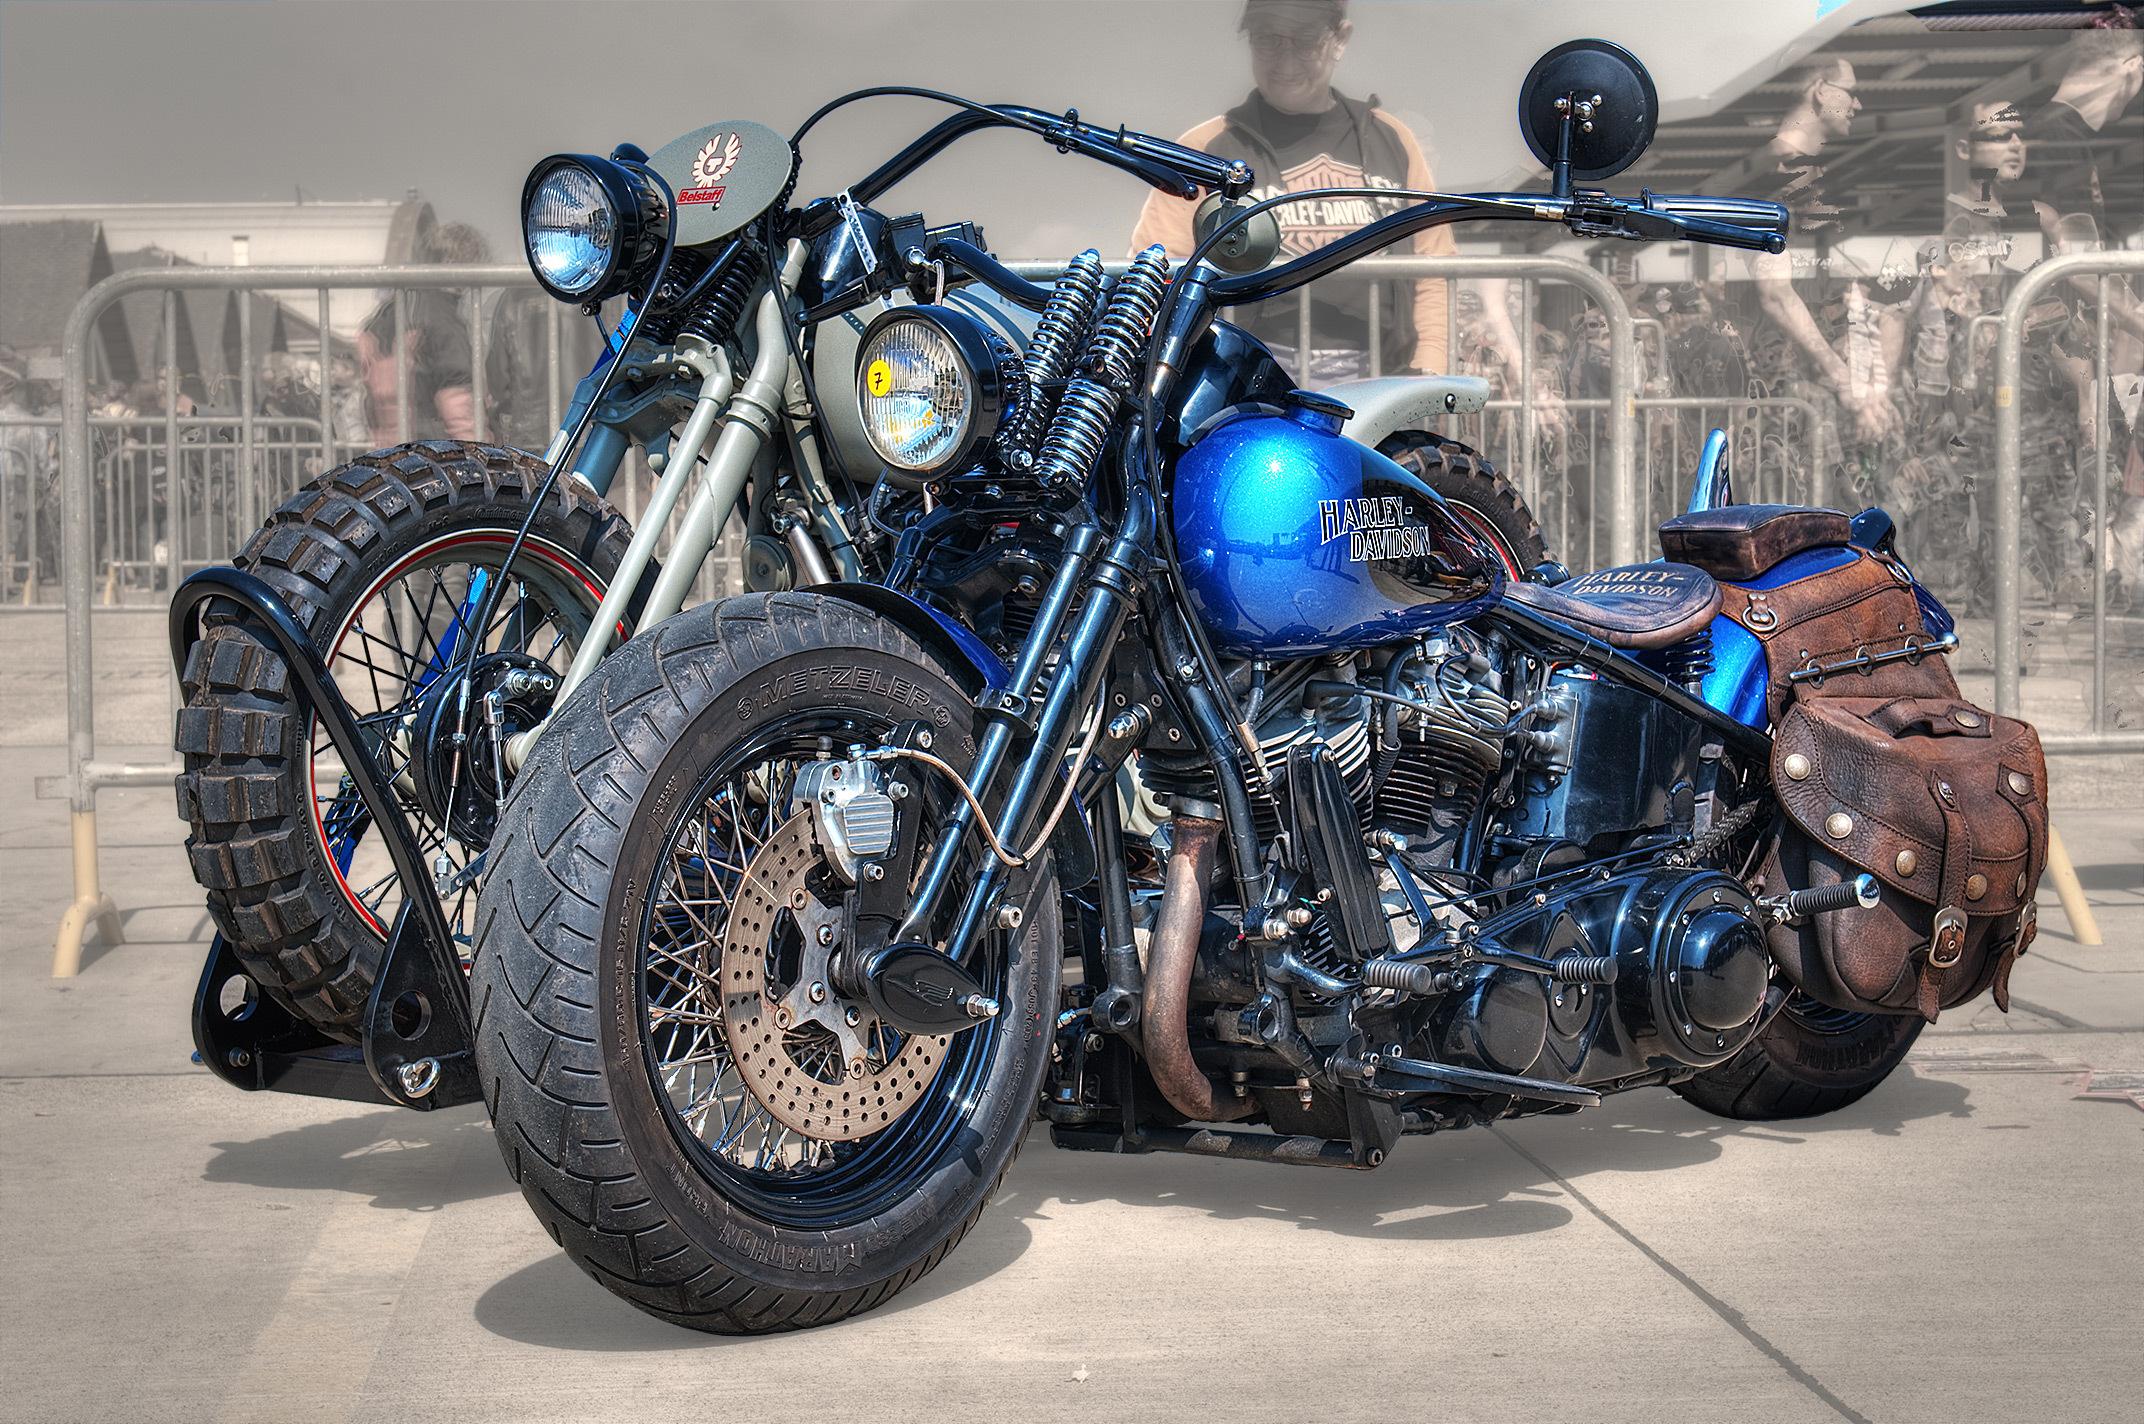 85609 скачать обои Мотоциклы, Harley Davidson, Байк, Мотоцикл, Стиль, Байкеры - заставки и картинки бесплатно